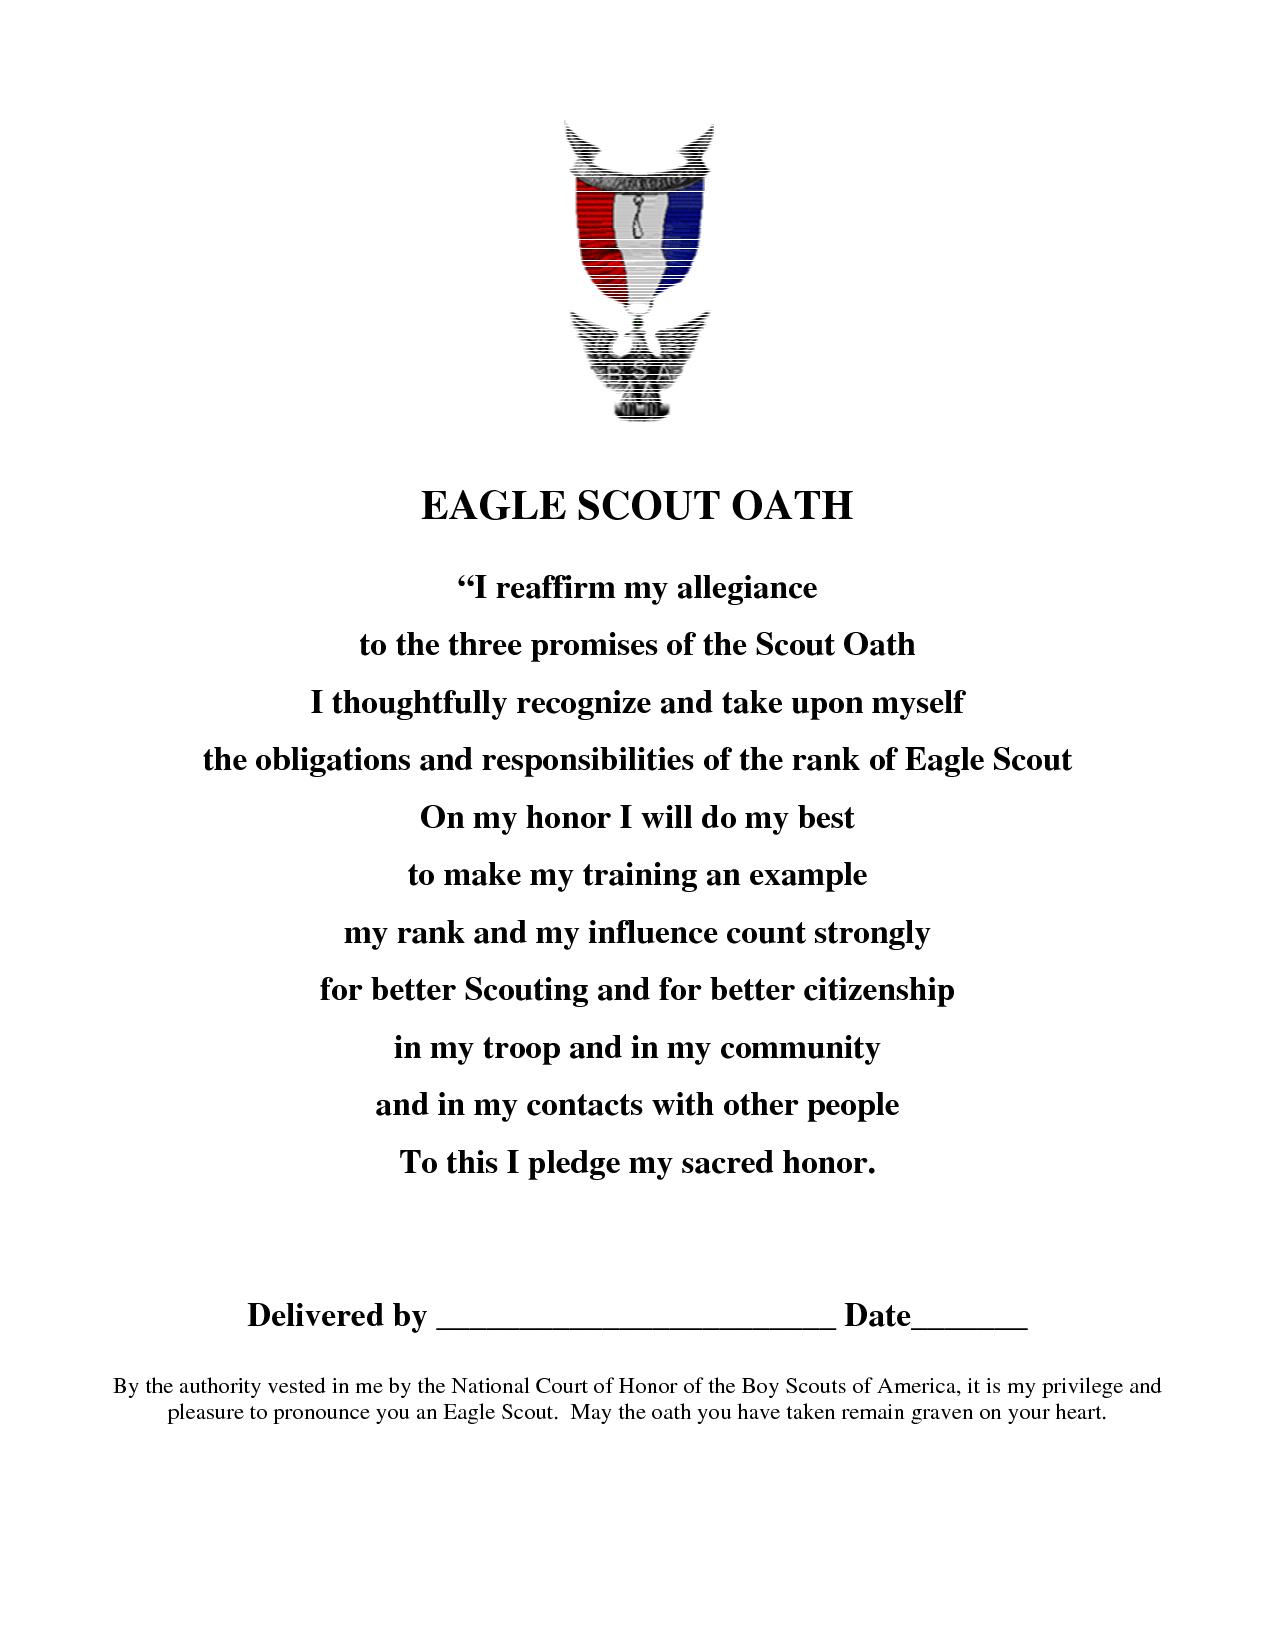 Eagle Scout Oath